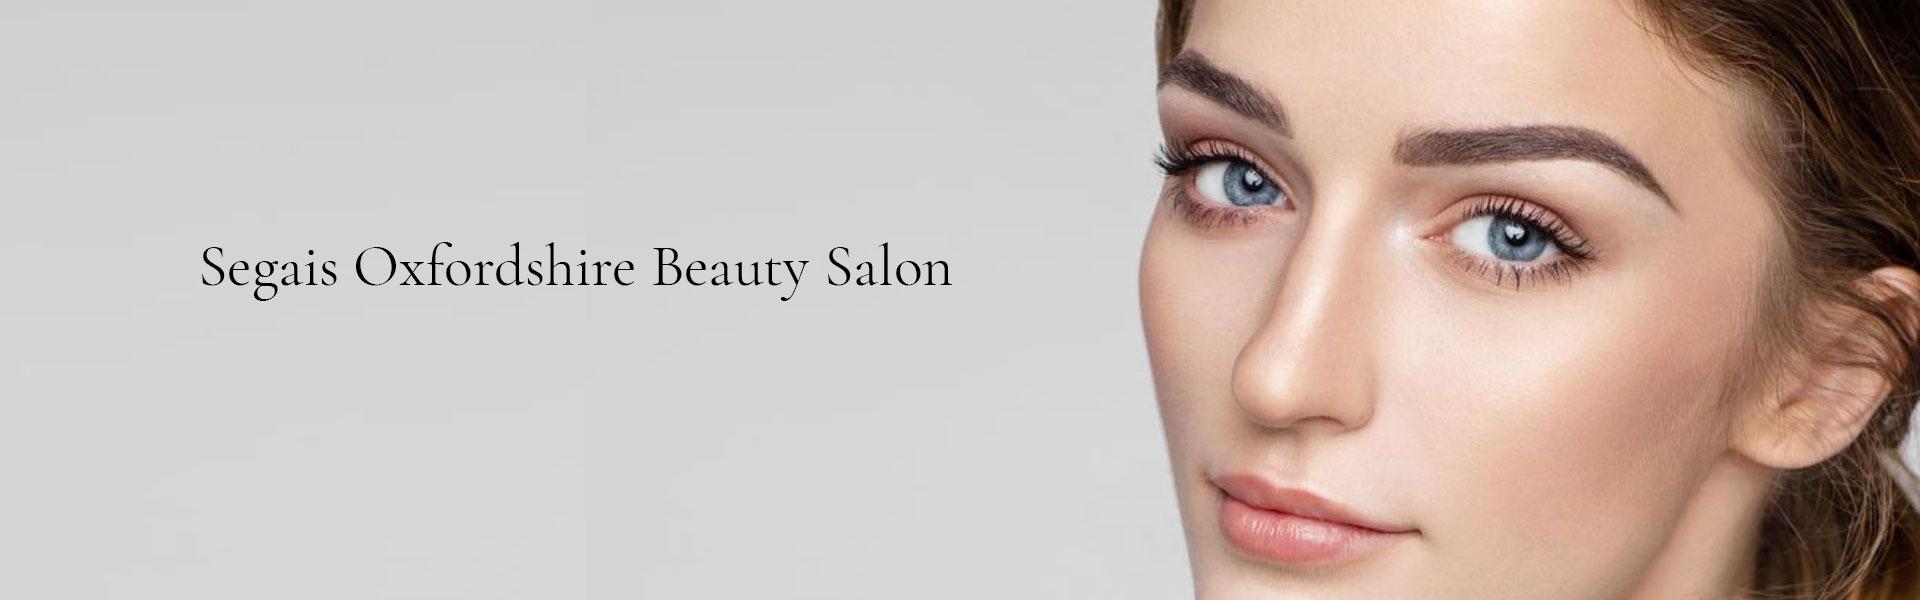 Segais Oxfordshire Beauty Salon